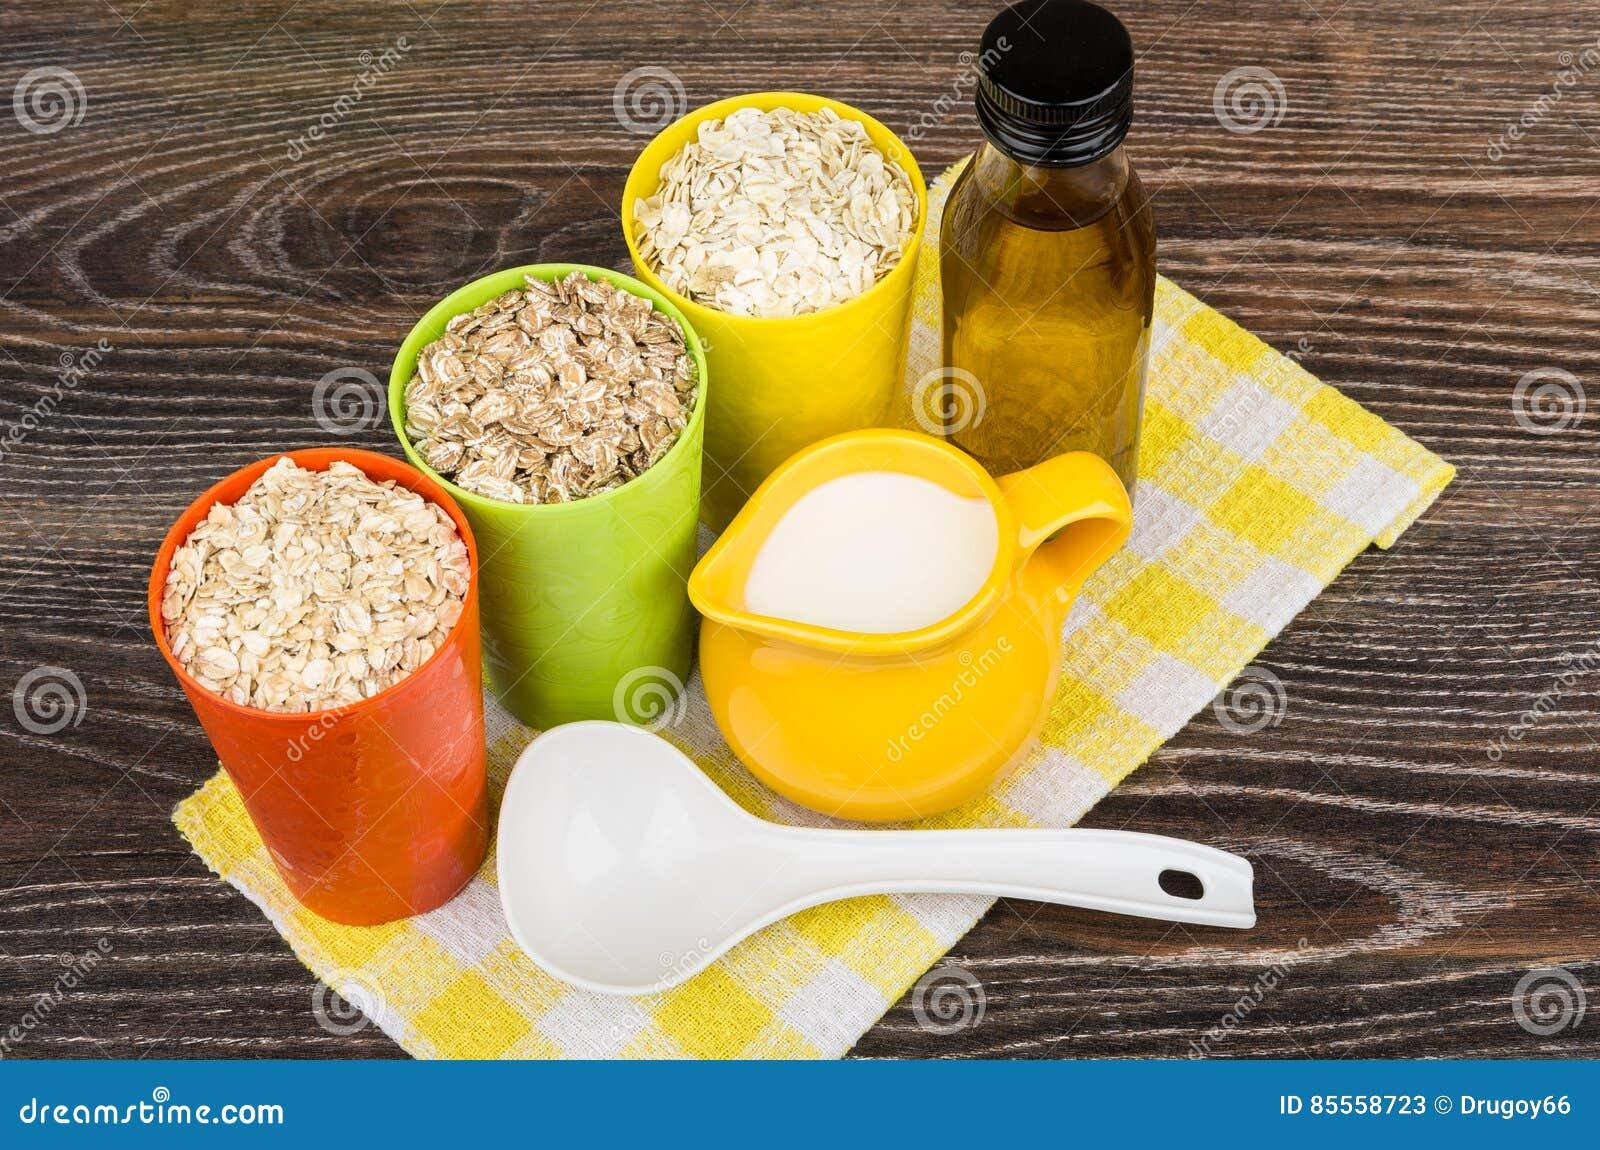 Schüssel und Schalen mit Hafer, Roggen, Gerstenflocken, Pflanzenöl